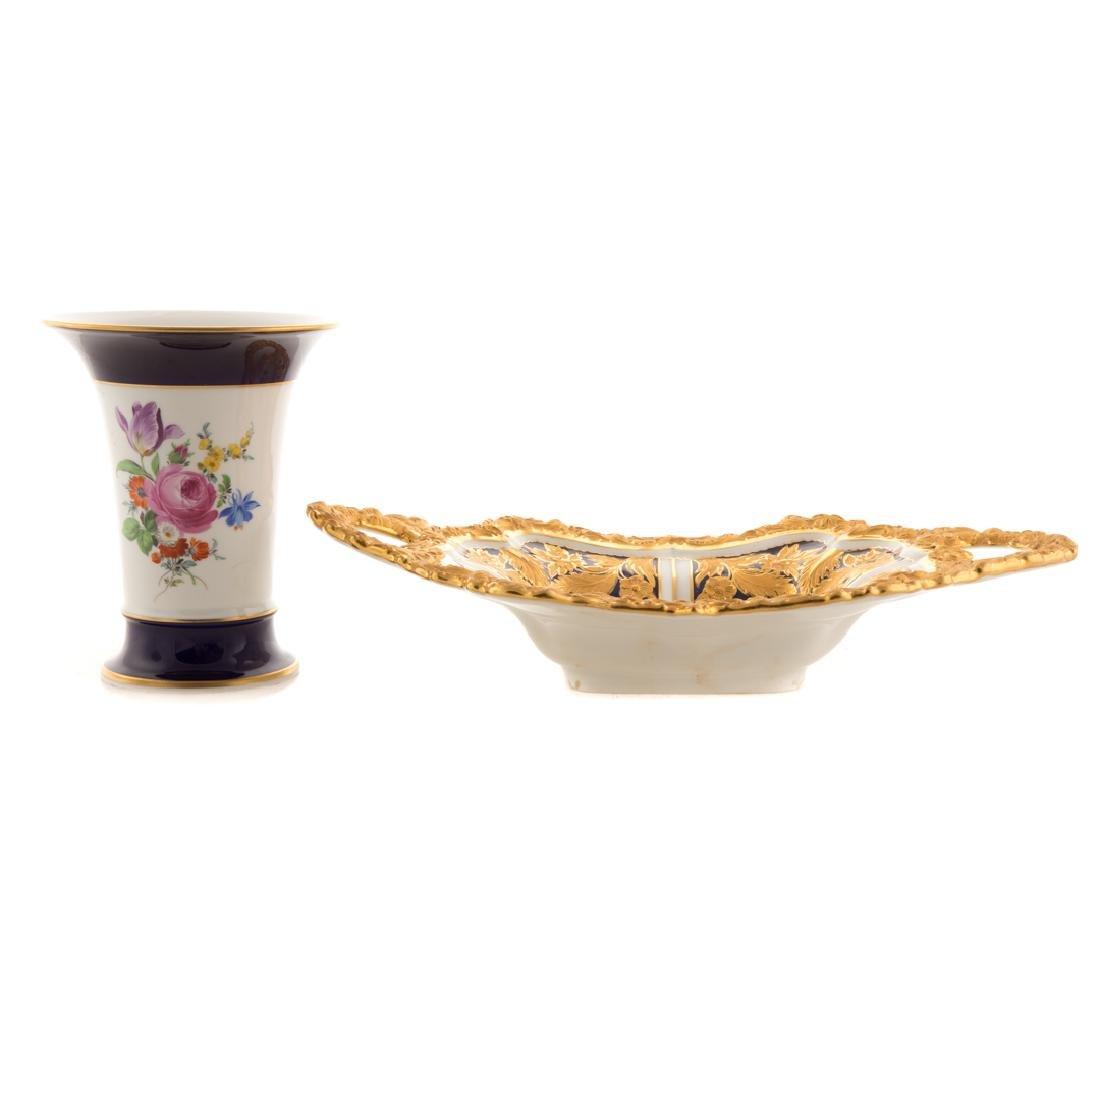 Meissen porcelain dish and beaker vase